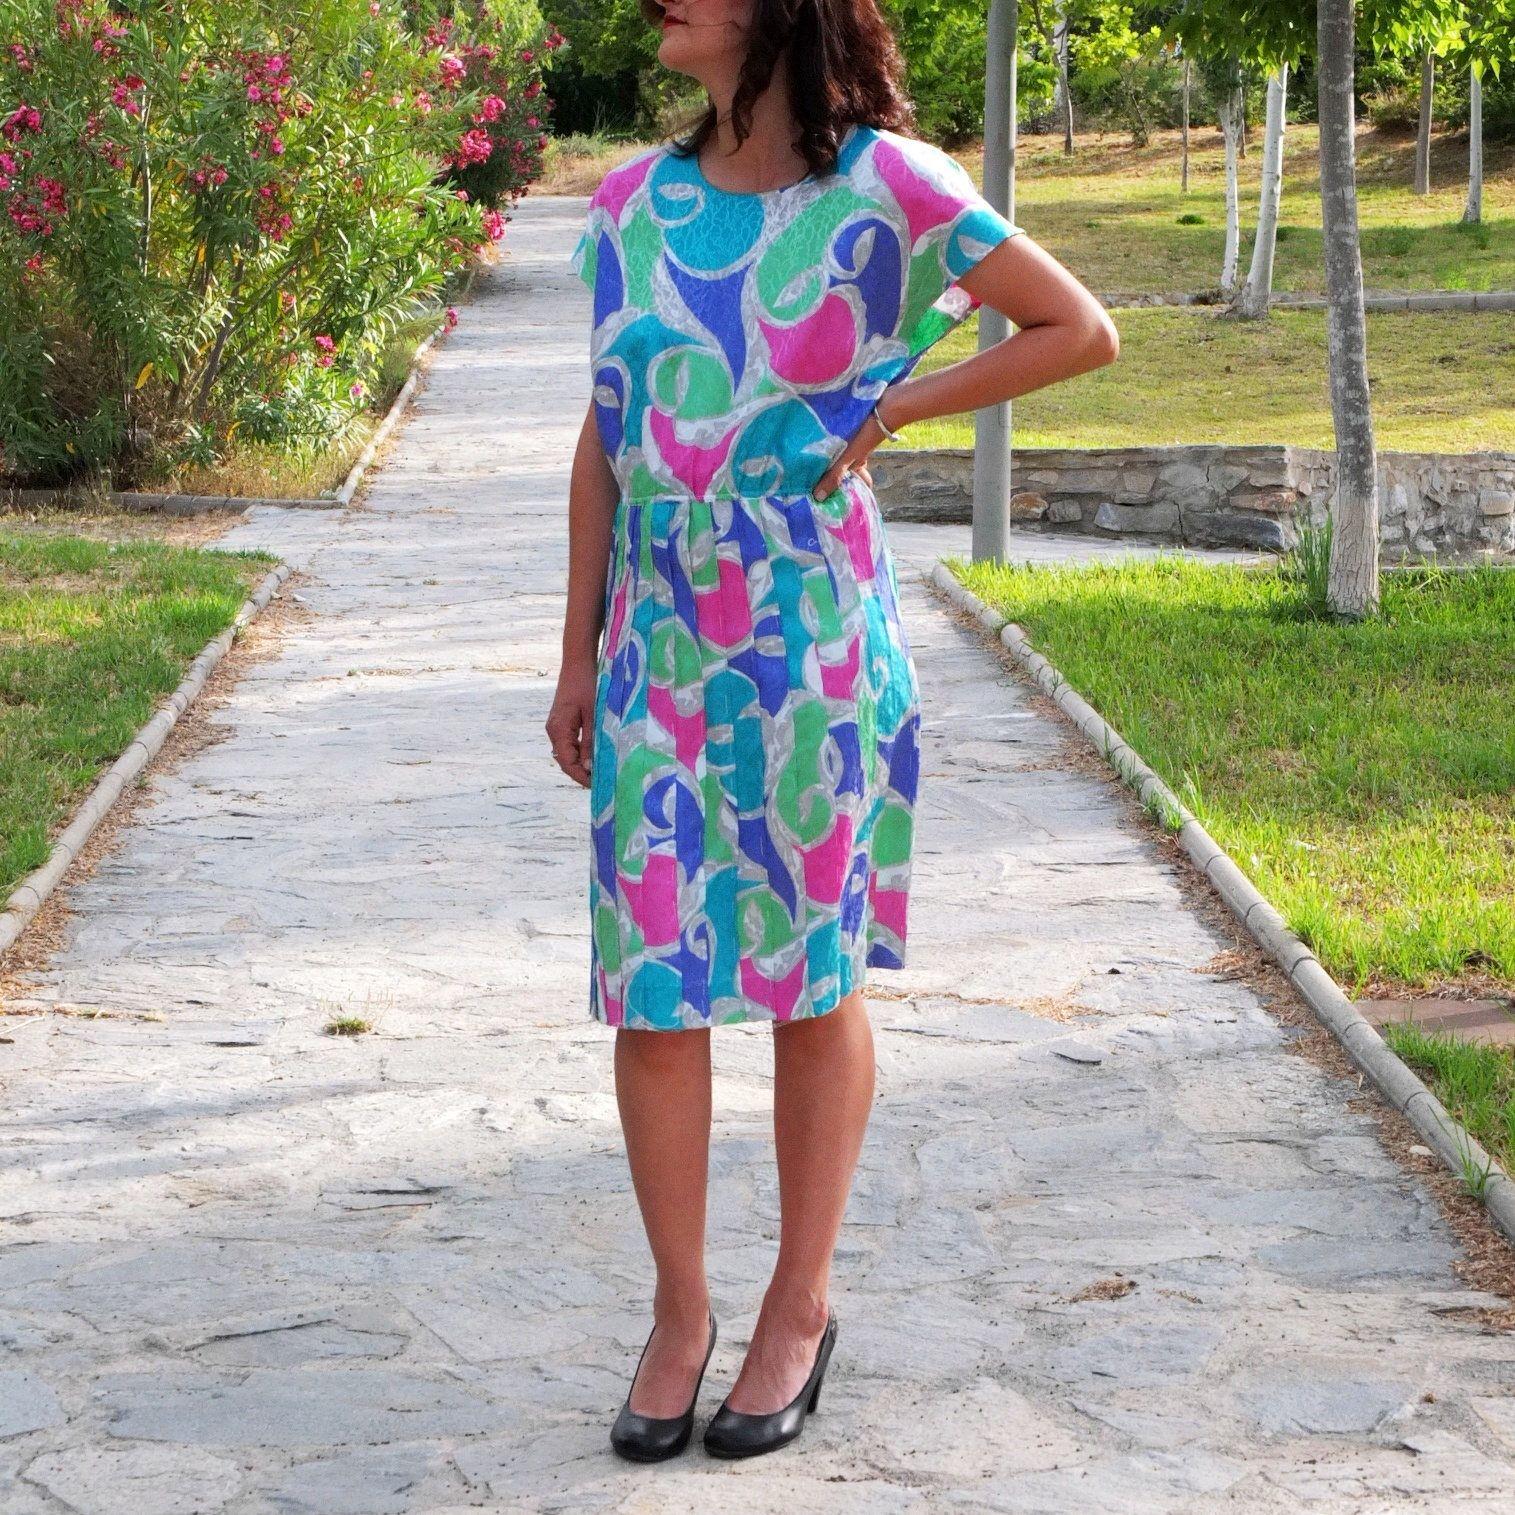 Un favorito personal de mi tienda de Etsy https://www.etsy.com/es/listing/523064698/vestido-vintage-brillante-estampado-de